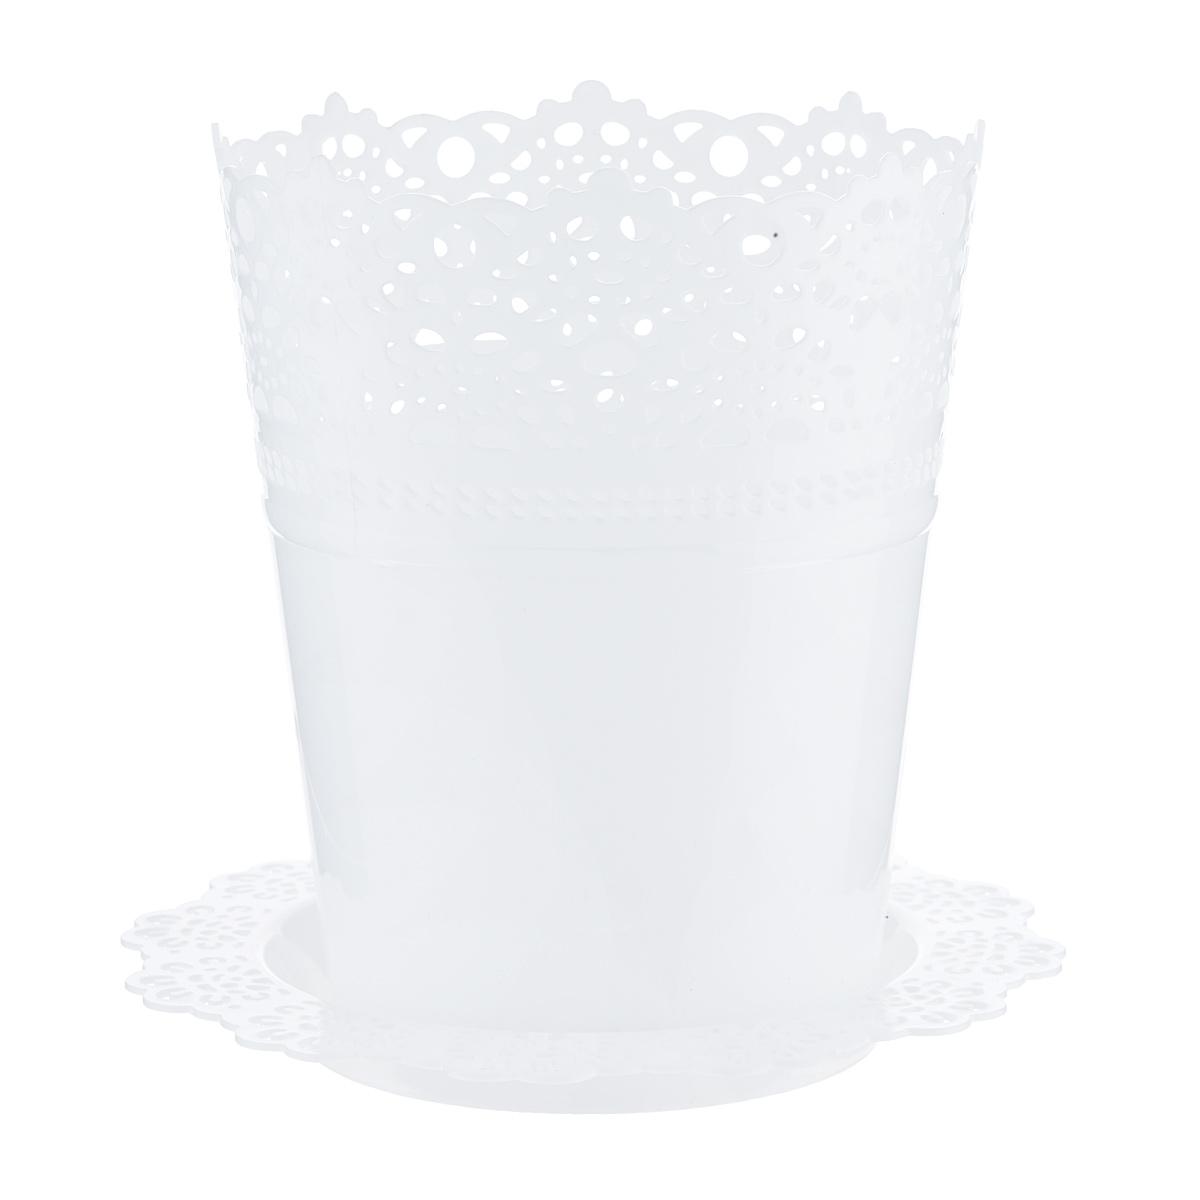 Кашпо Idea Ажур, с подставкой, цвет: белый, диаметр 18,5 смМ 3093Кашпо Idea Ажур изготовлено из полипропилена (пластика). Специальная подставка предназначена для стока воды. Верх изделия и подставка оформлены перфорацией, напоминающей кружево. Изделие прекрасно подходит для выращивания растений и цветов в домашних условиях. Диаметр подставки: 23,5 см.